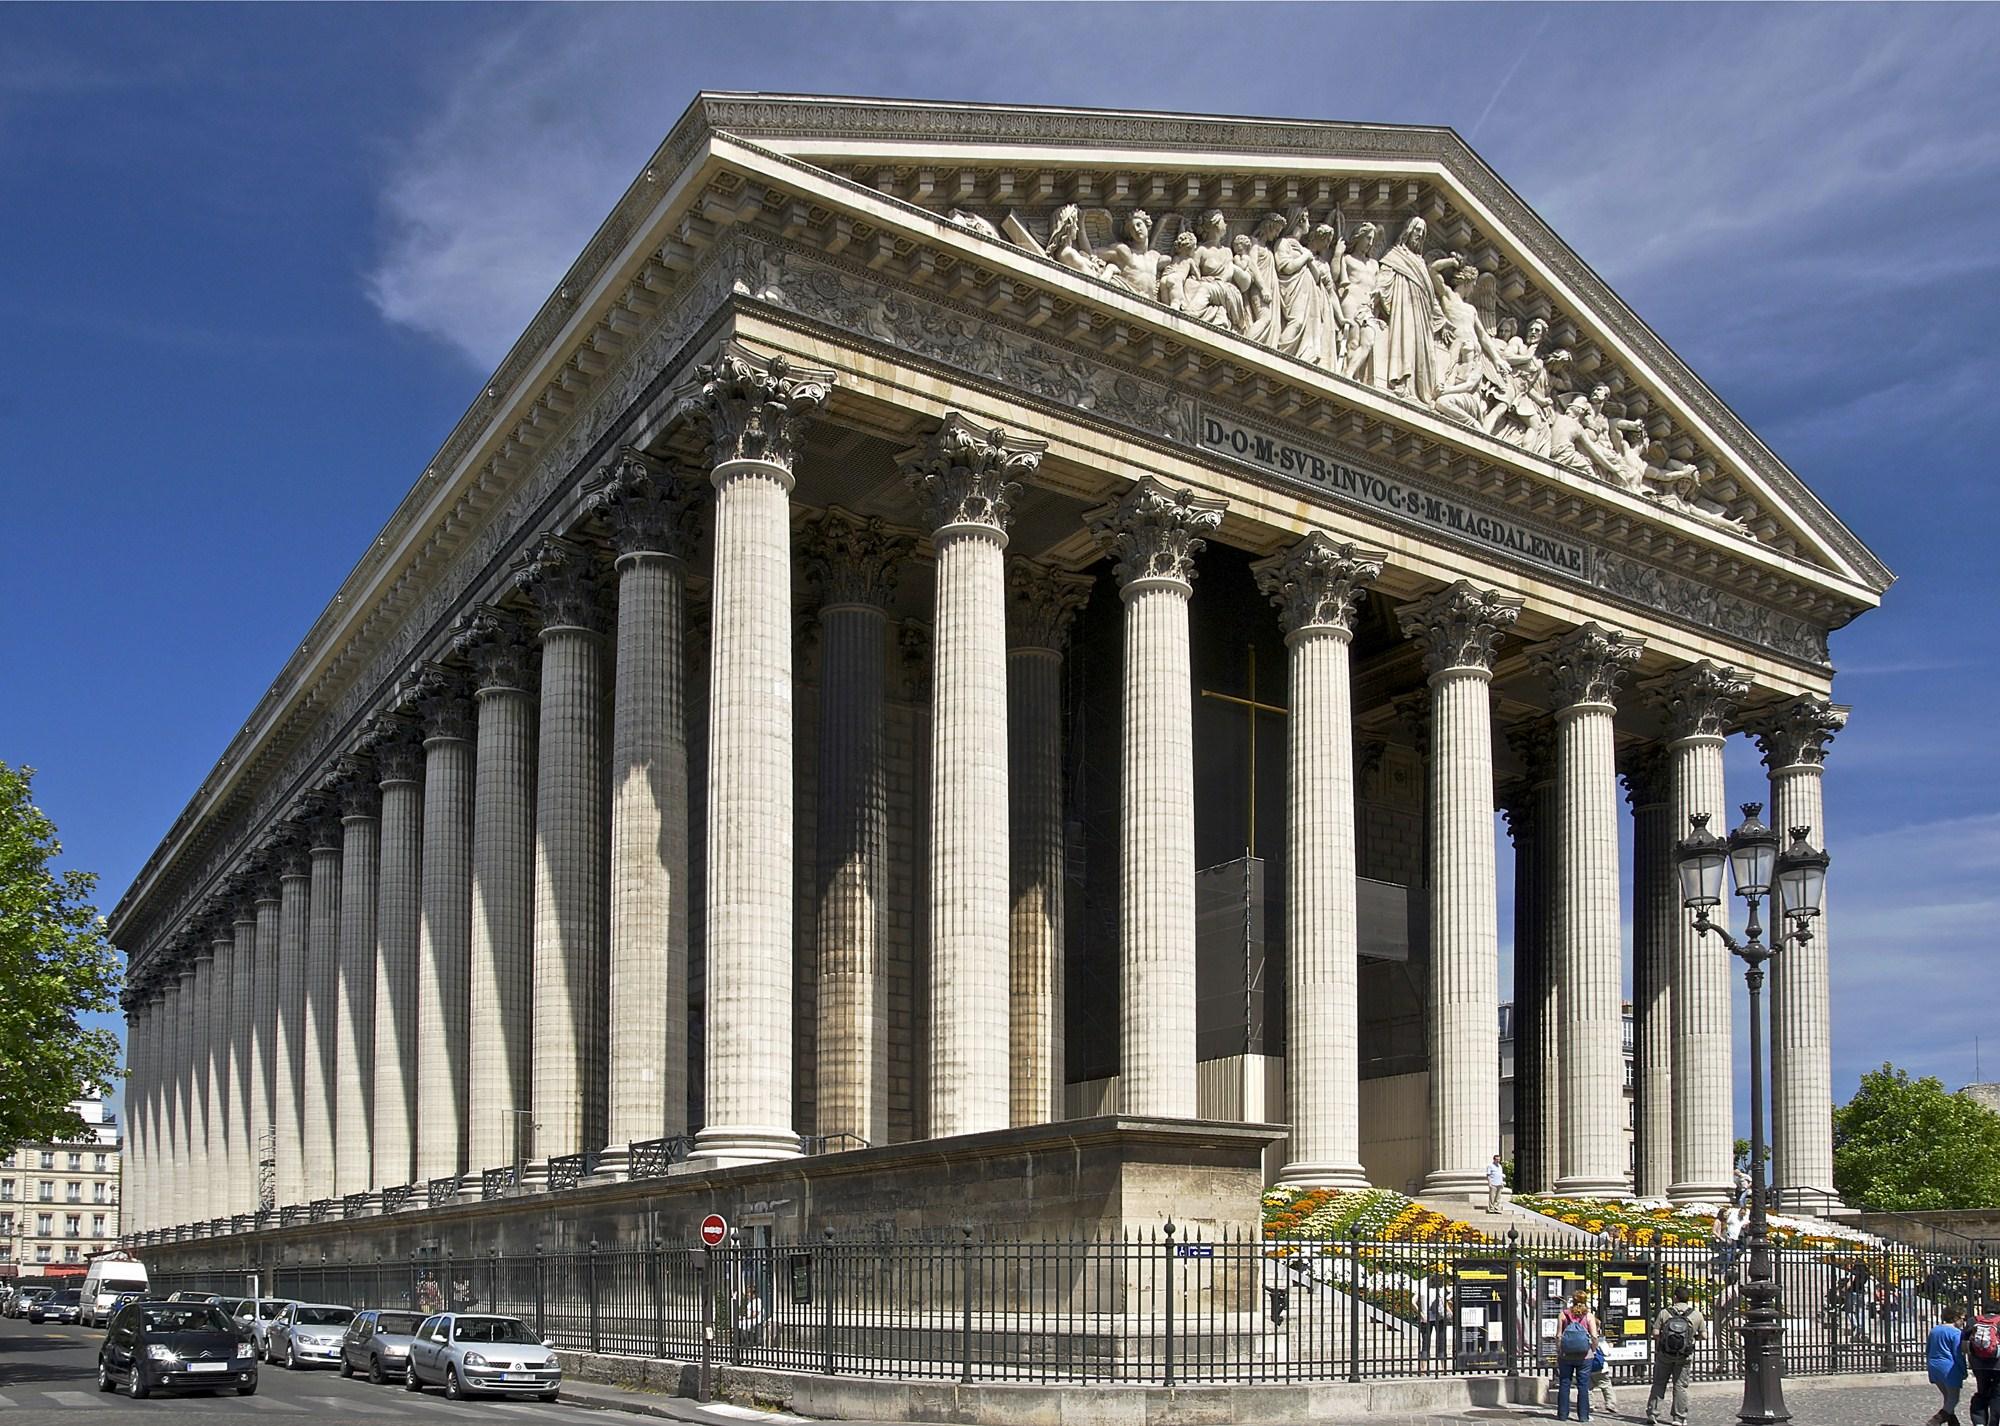 بررسی معماری دوره نئوکلاسیک Review neoclassical architecture